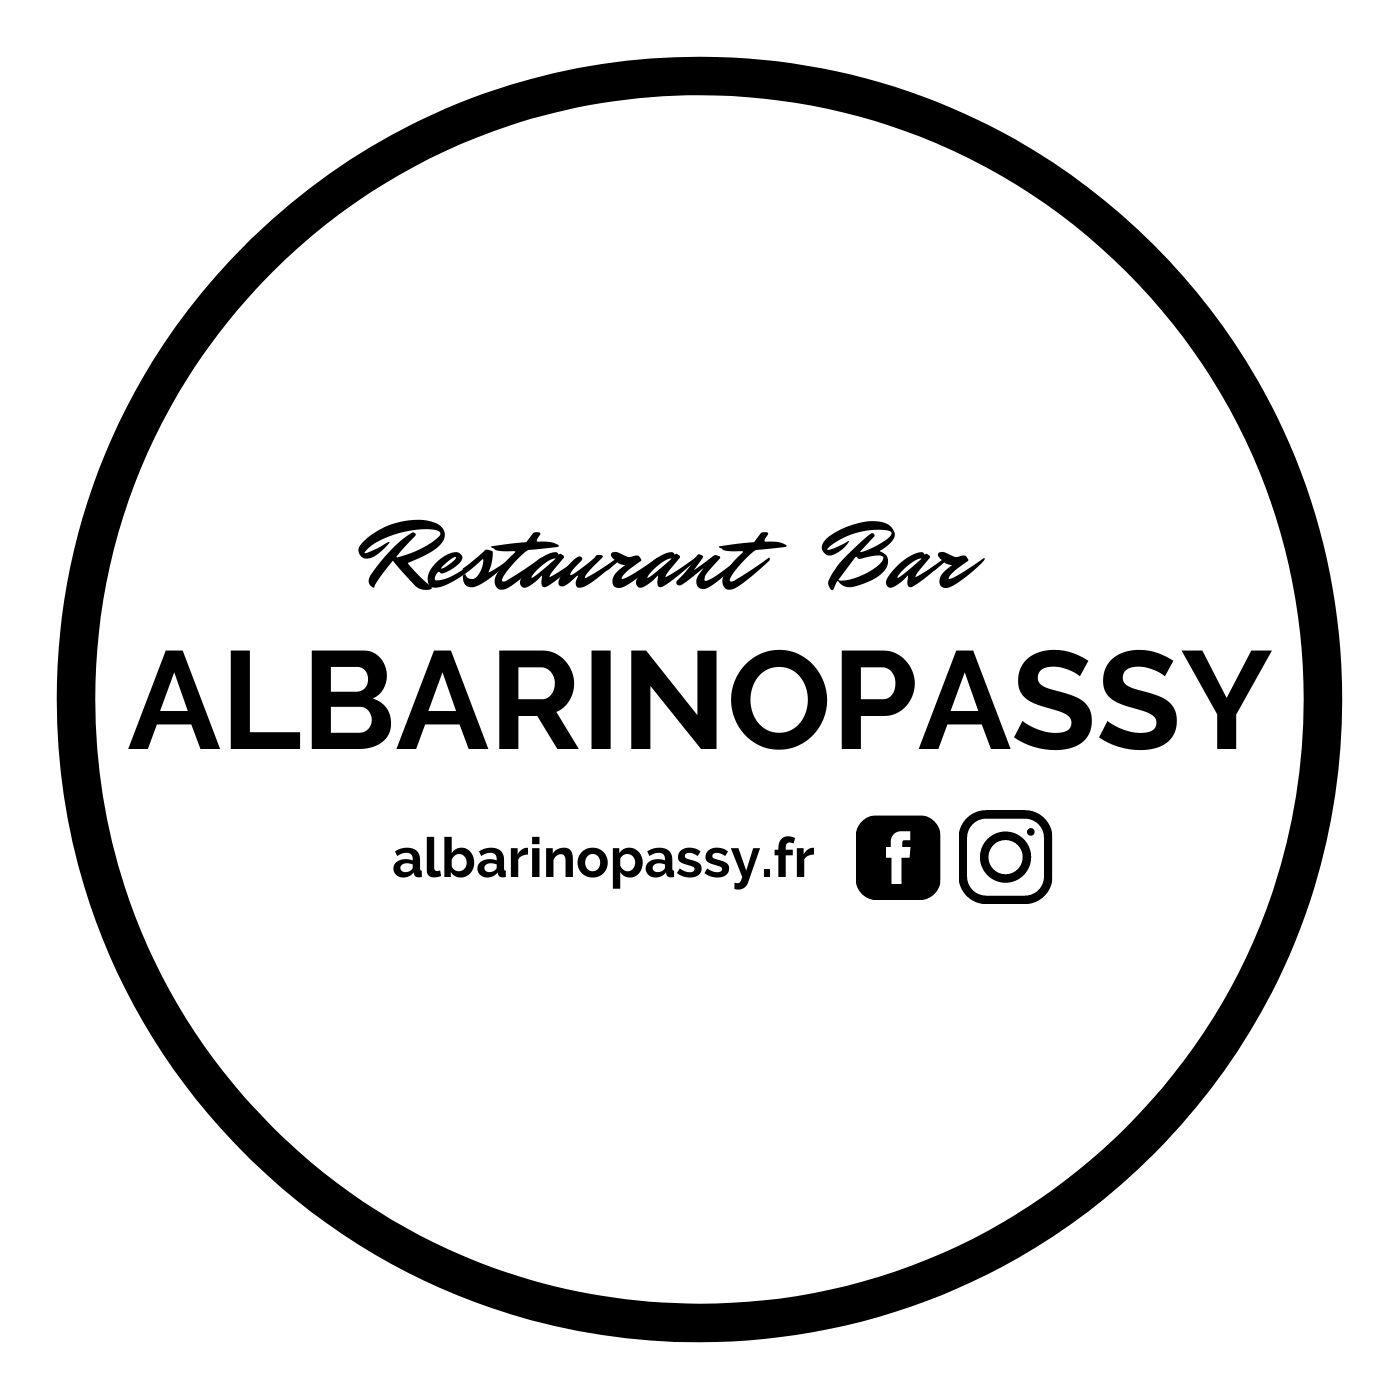 Restaurant Bar Albarino Passy